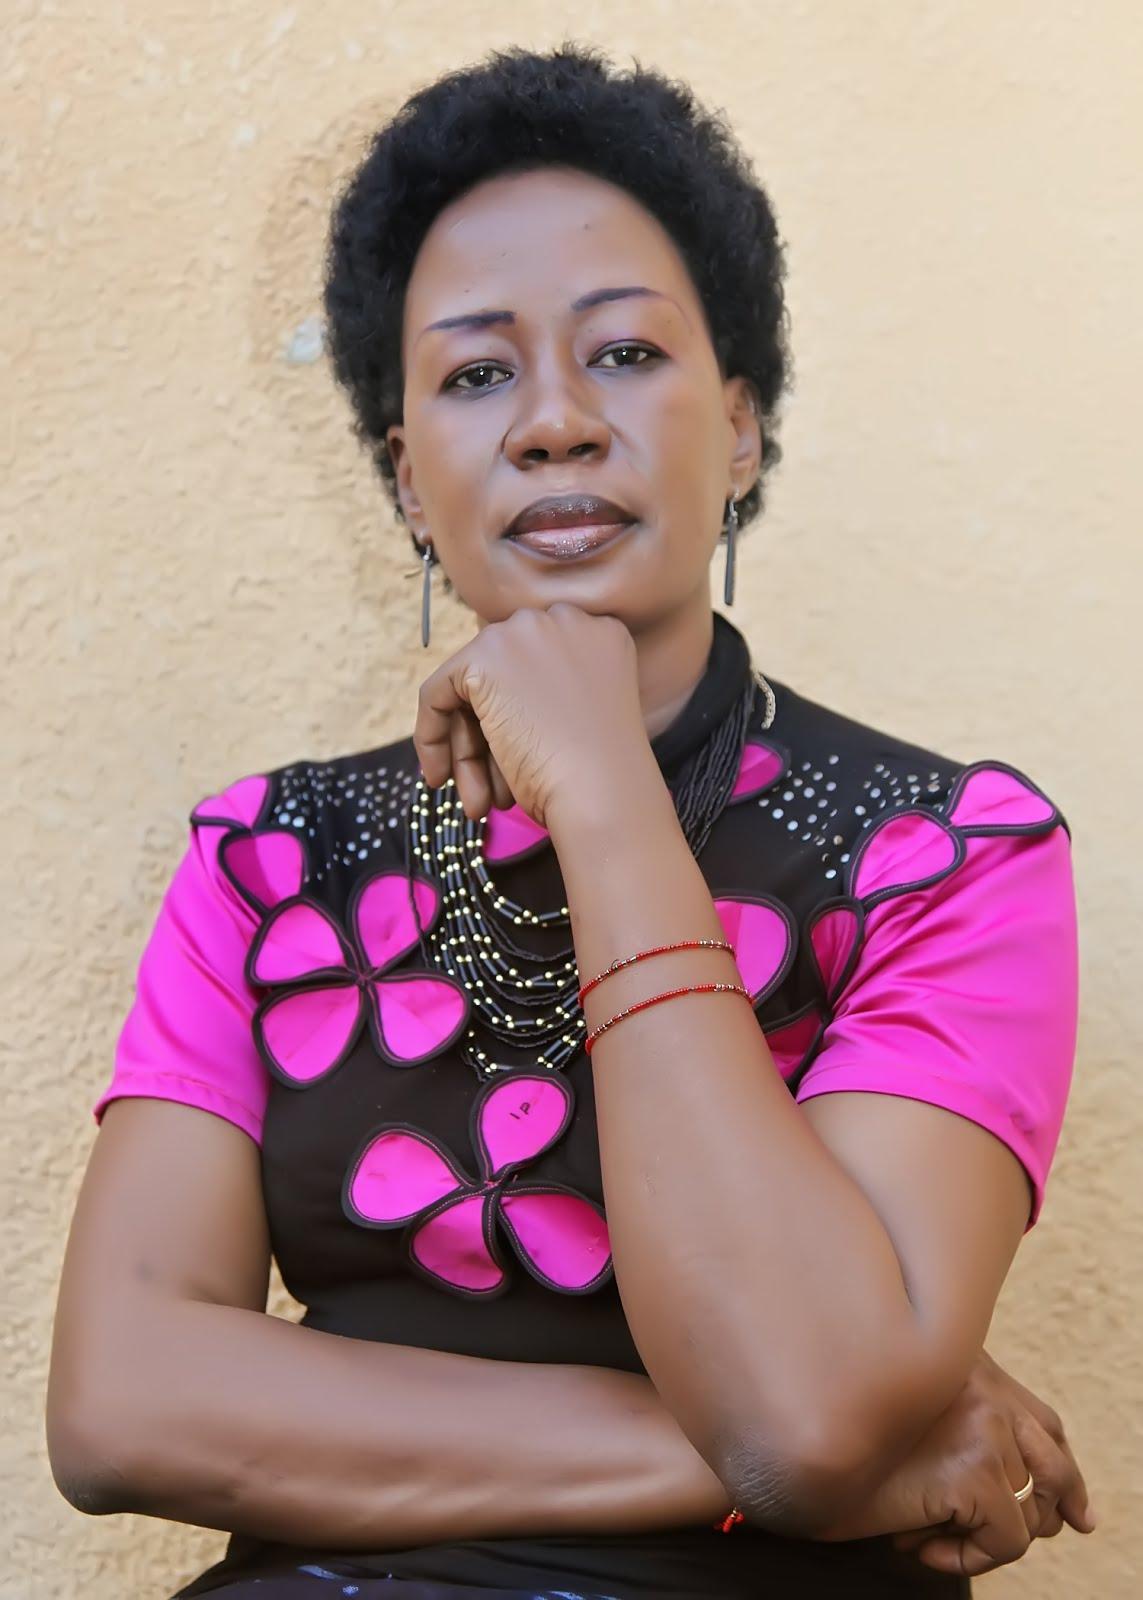 Fatoumata Keita